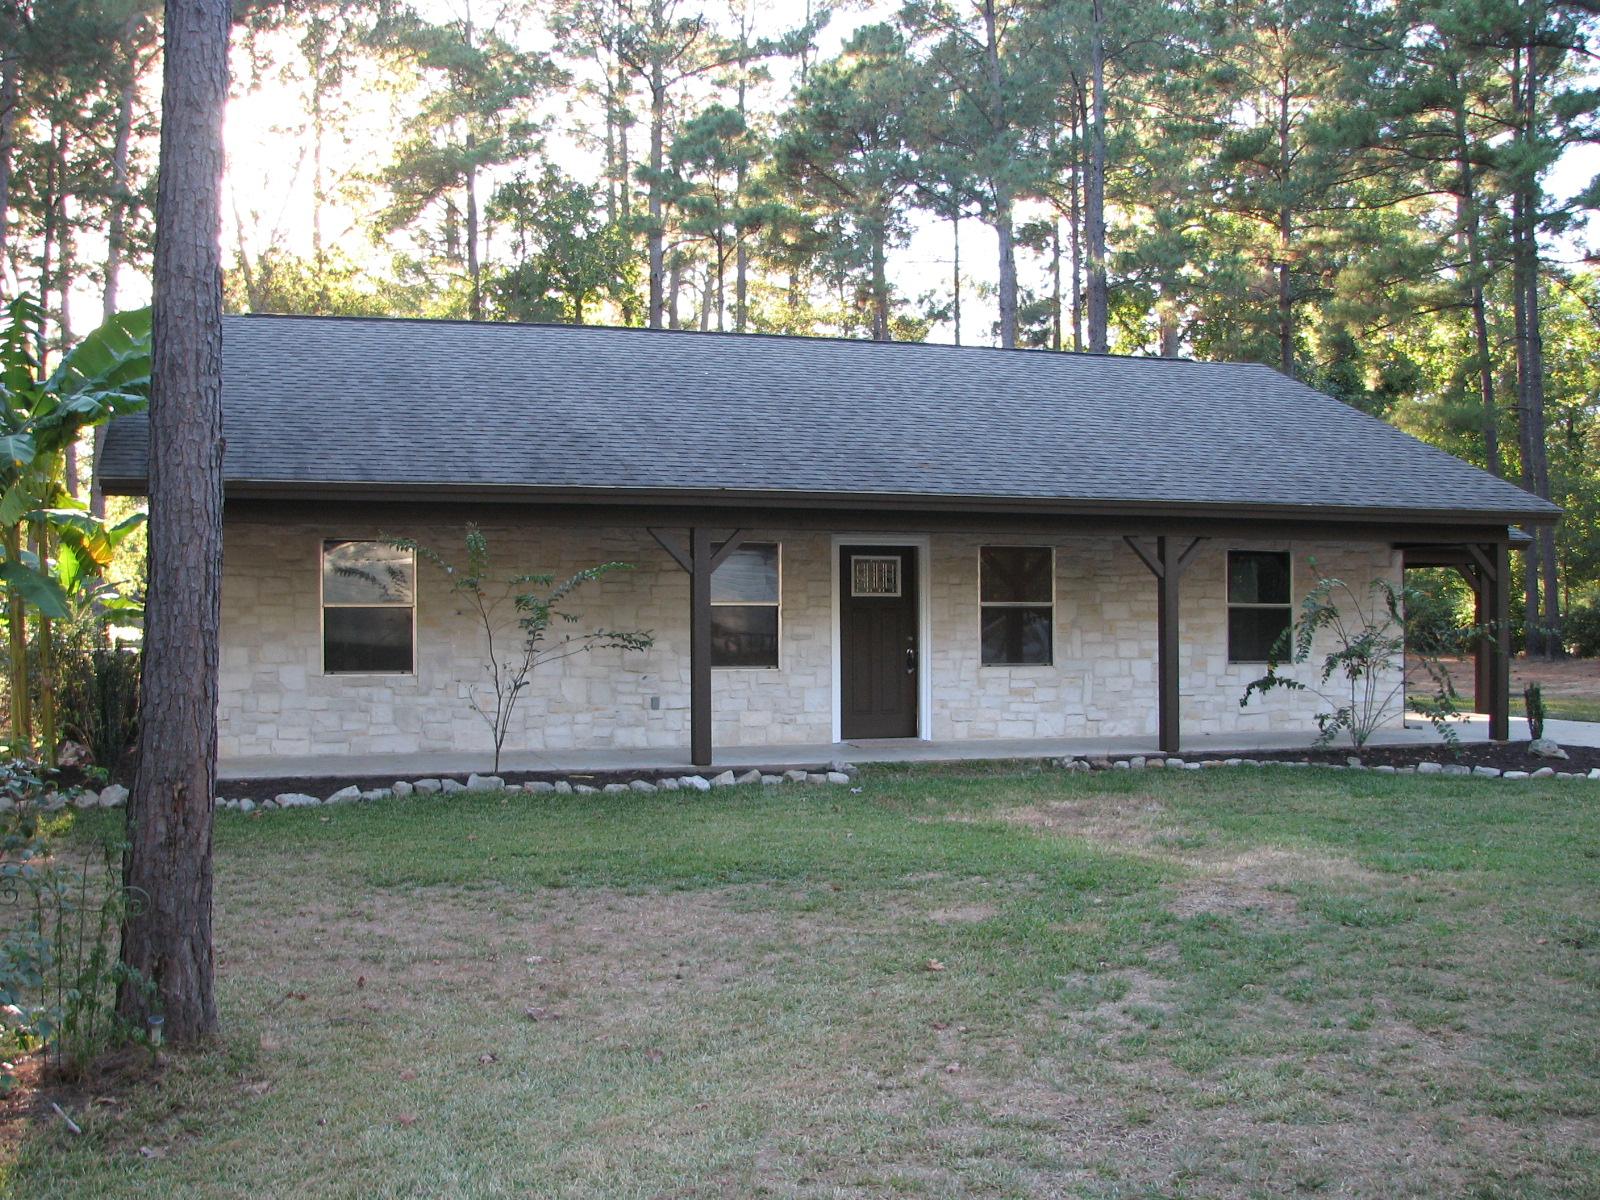 109 N. Newton St. , Newton, Texas 75966